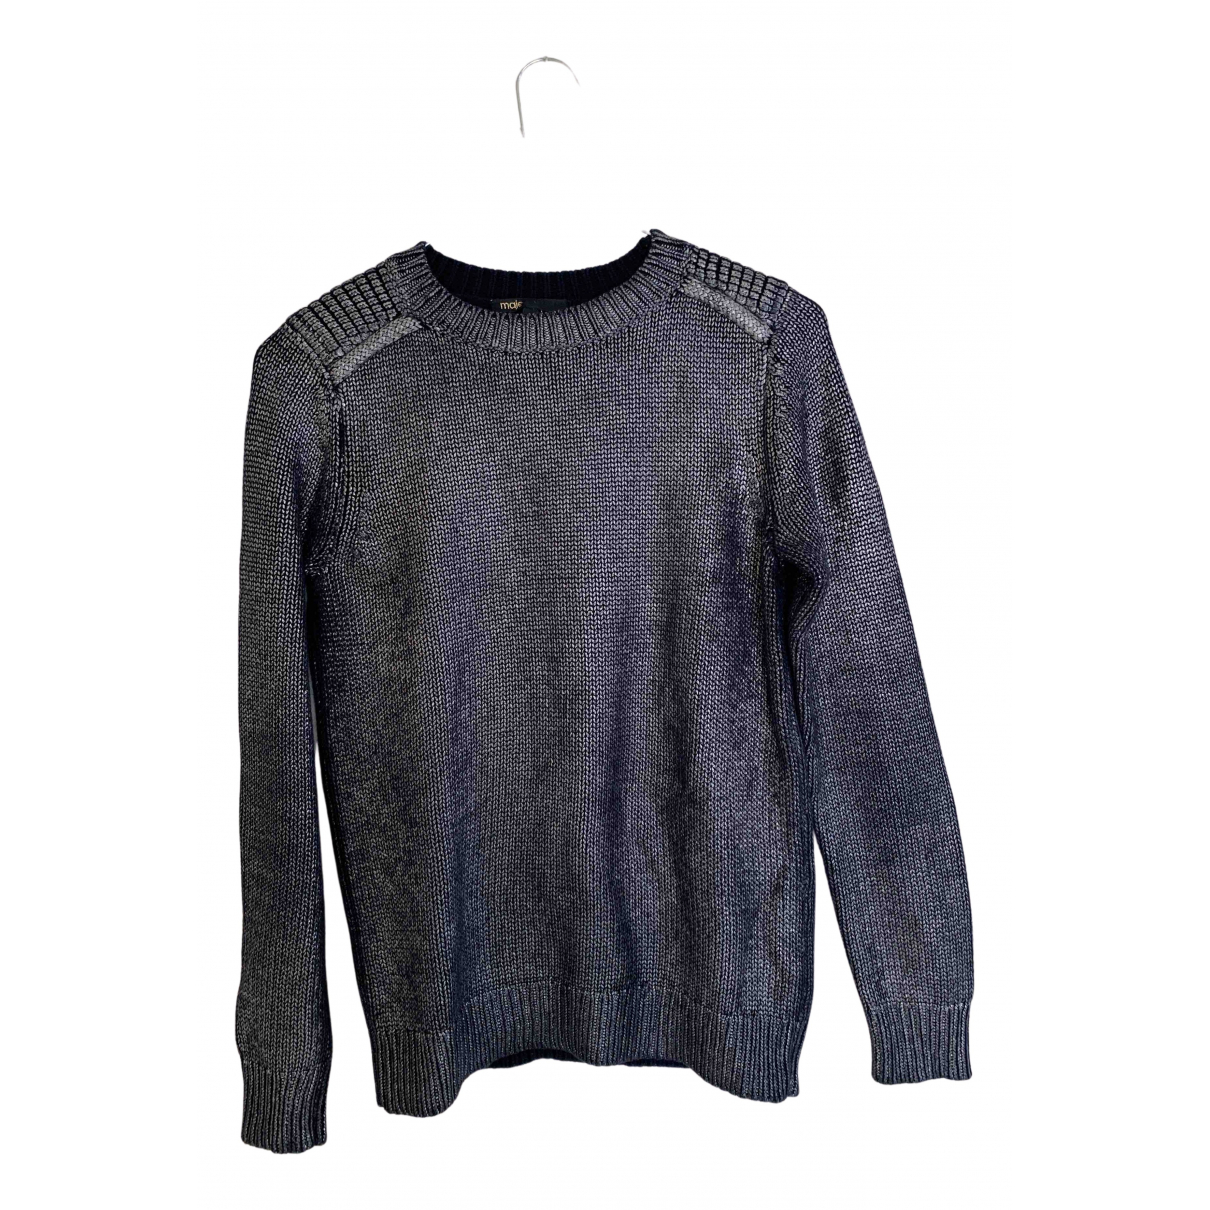 Maje N Metallic Cotton Knitwear for Women 34 FR